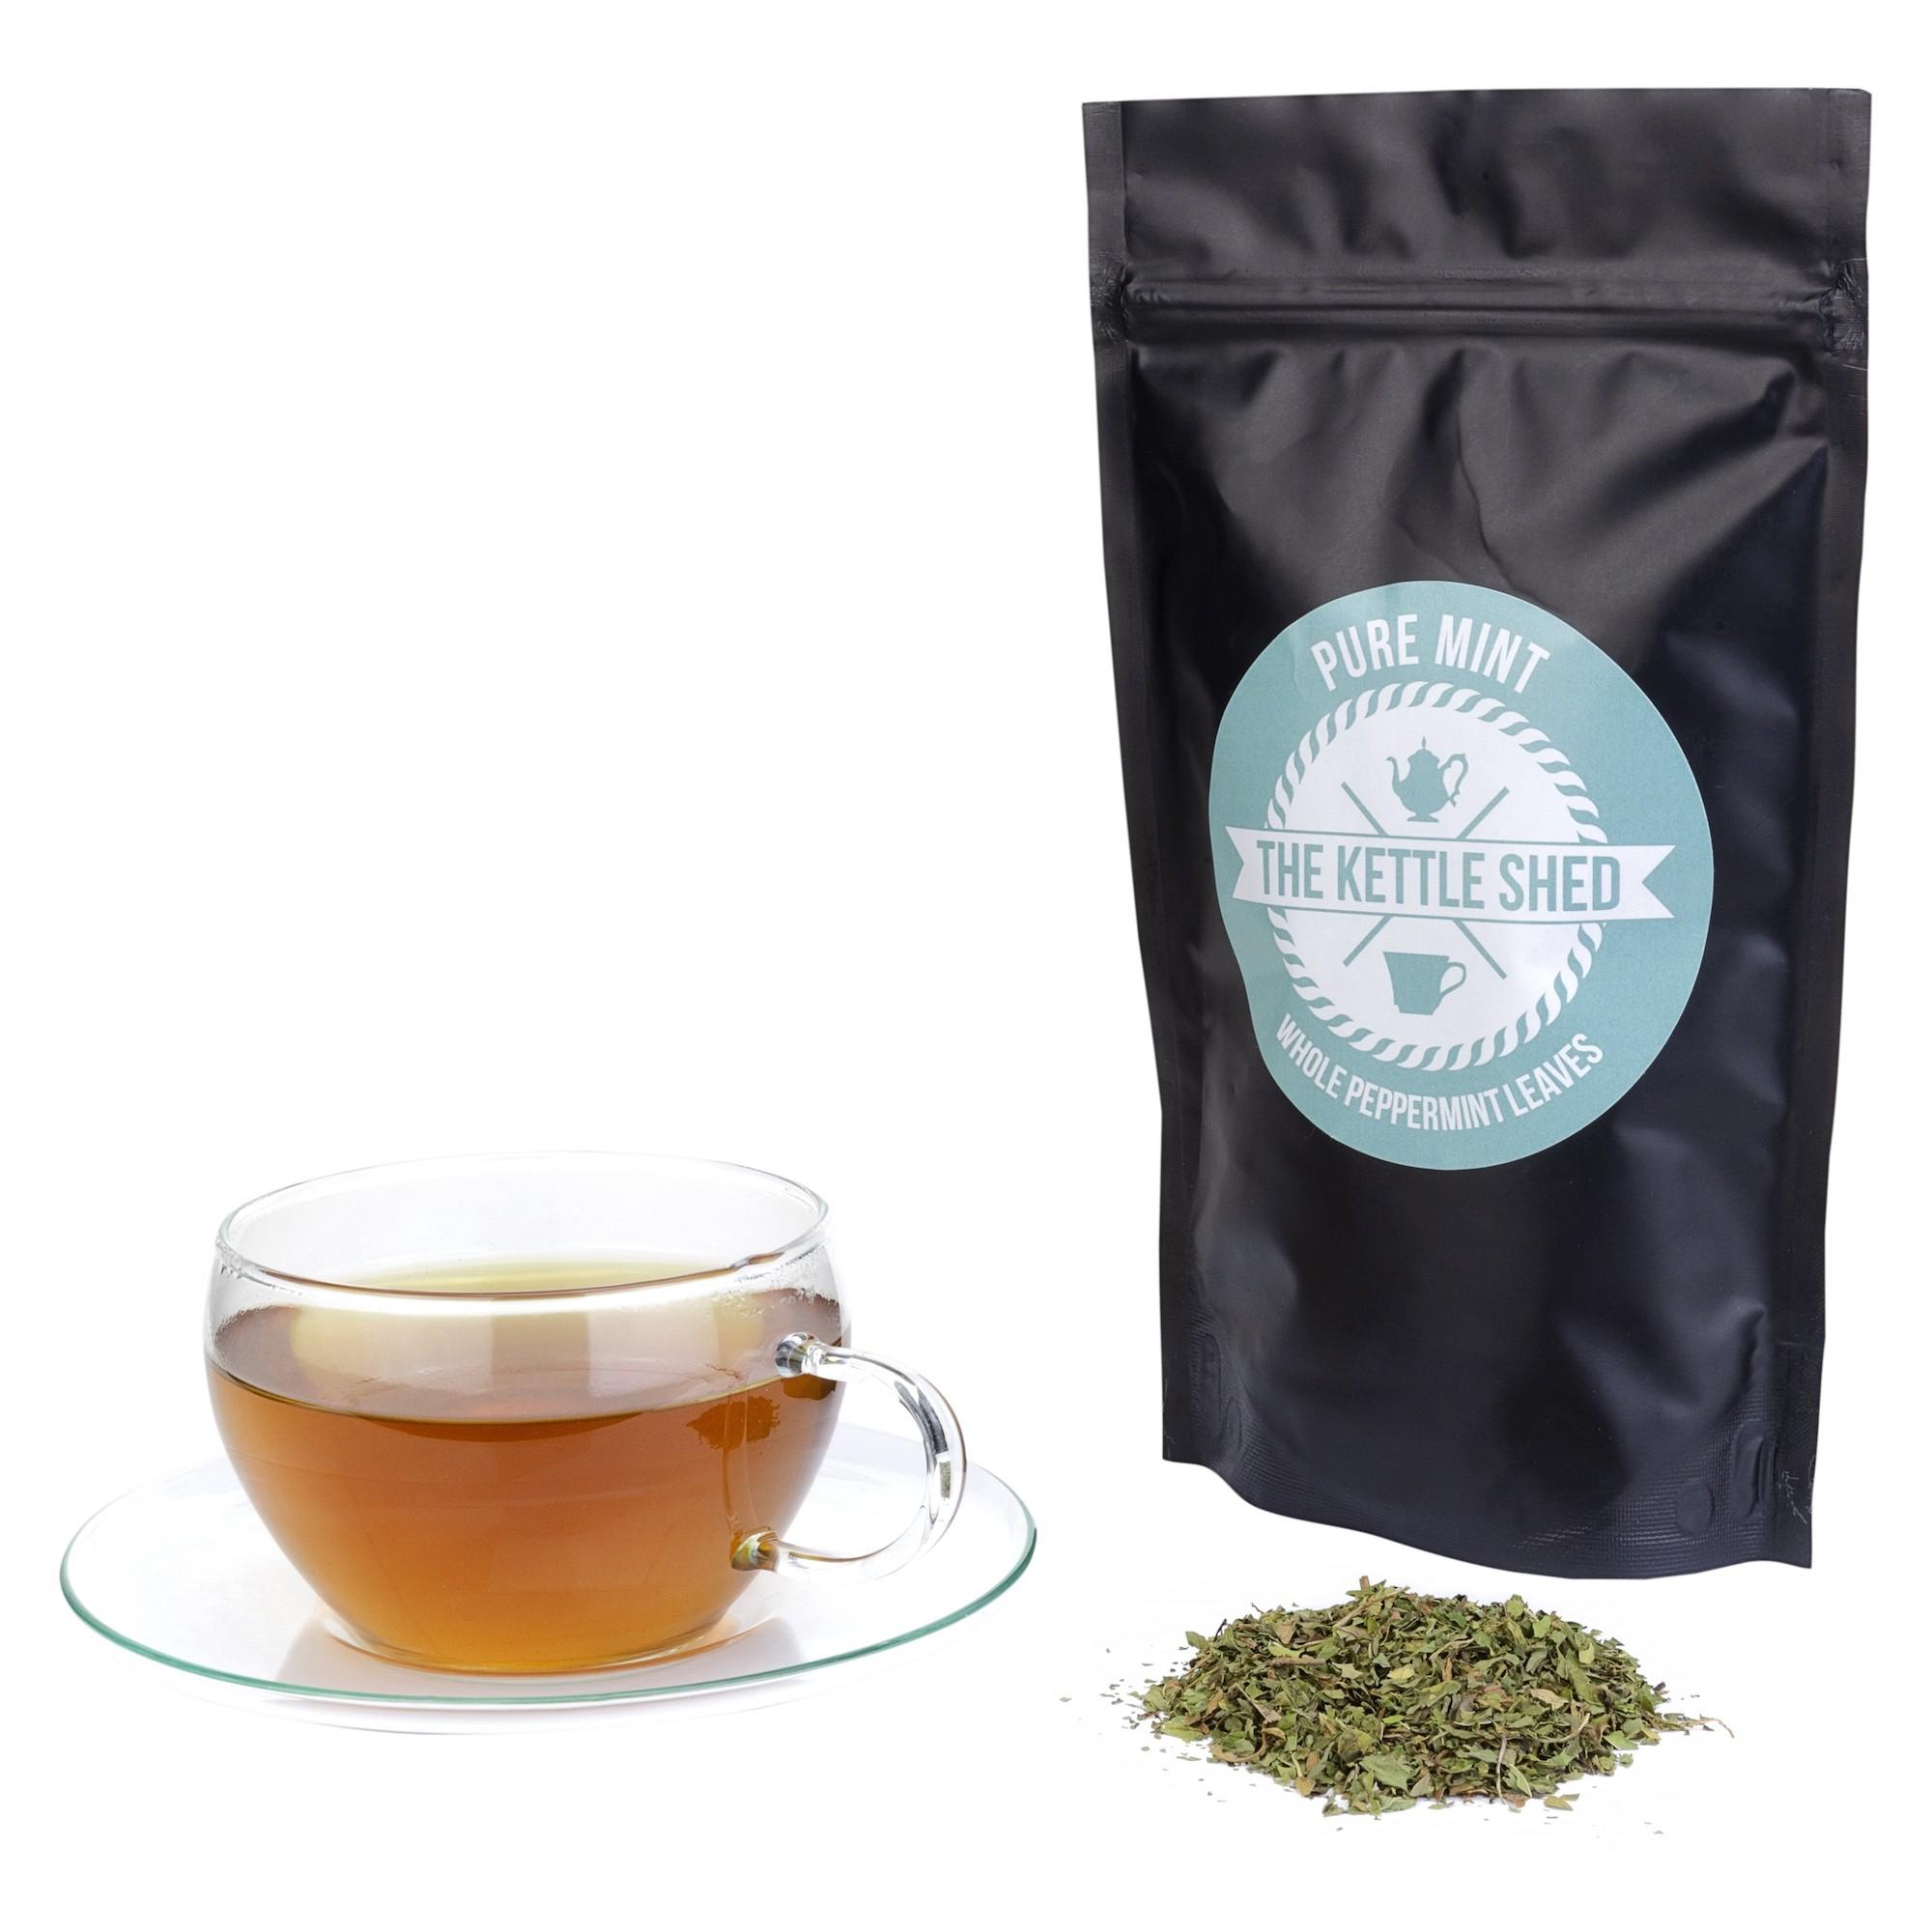 Pure Mint Tea - 100g Loose Leaf Tea